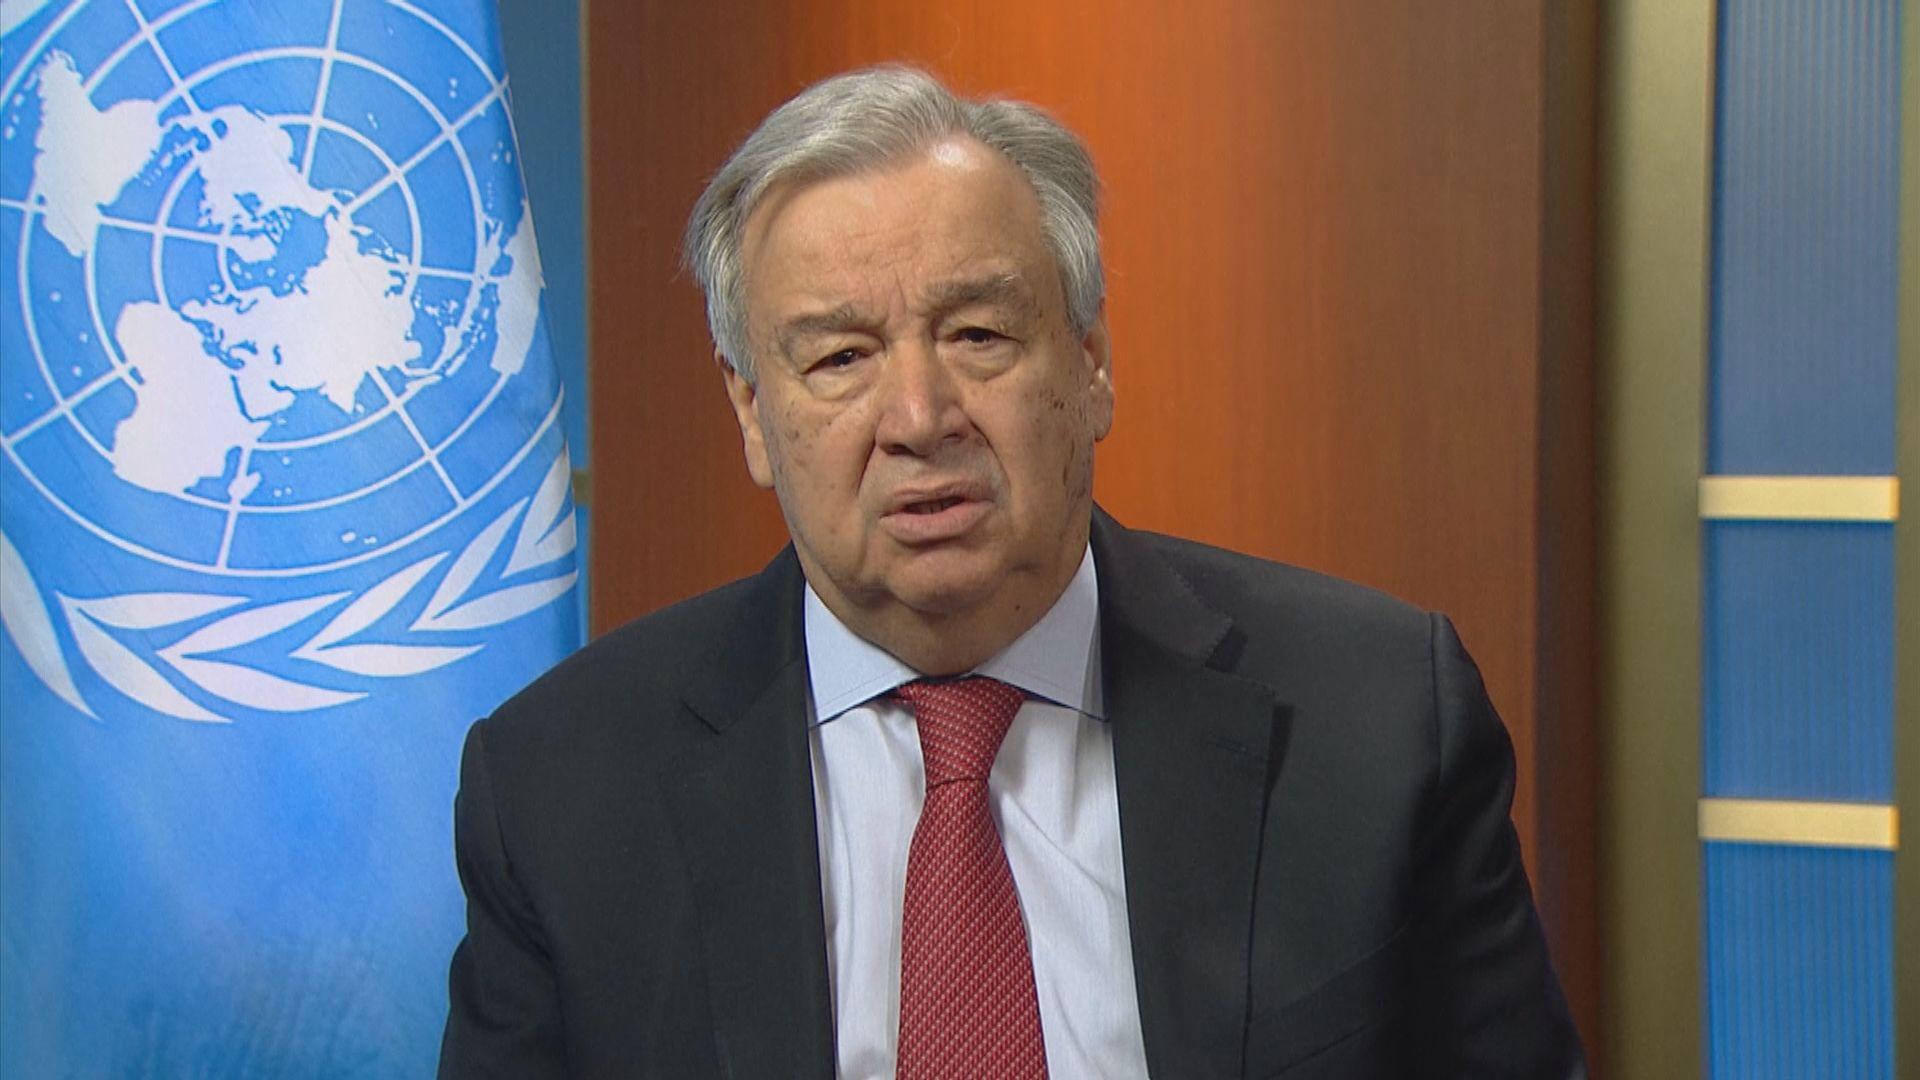 美國暫停資助世衛 聯合國:非適當時機